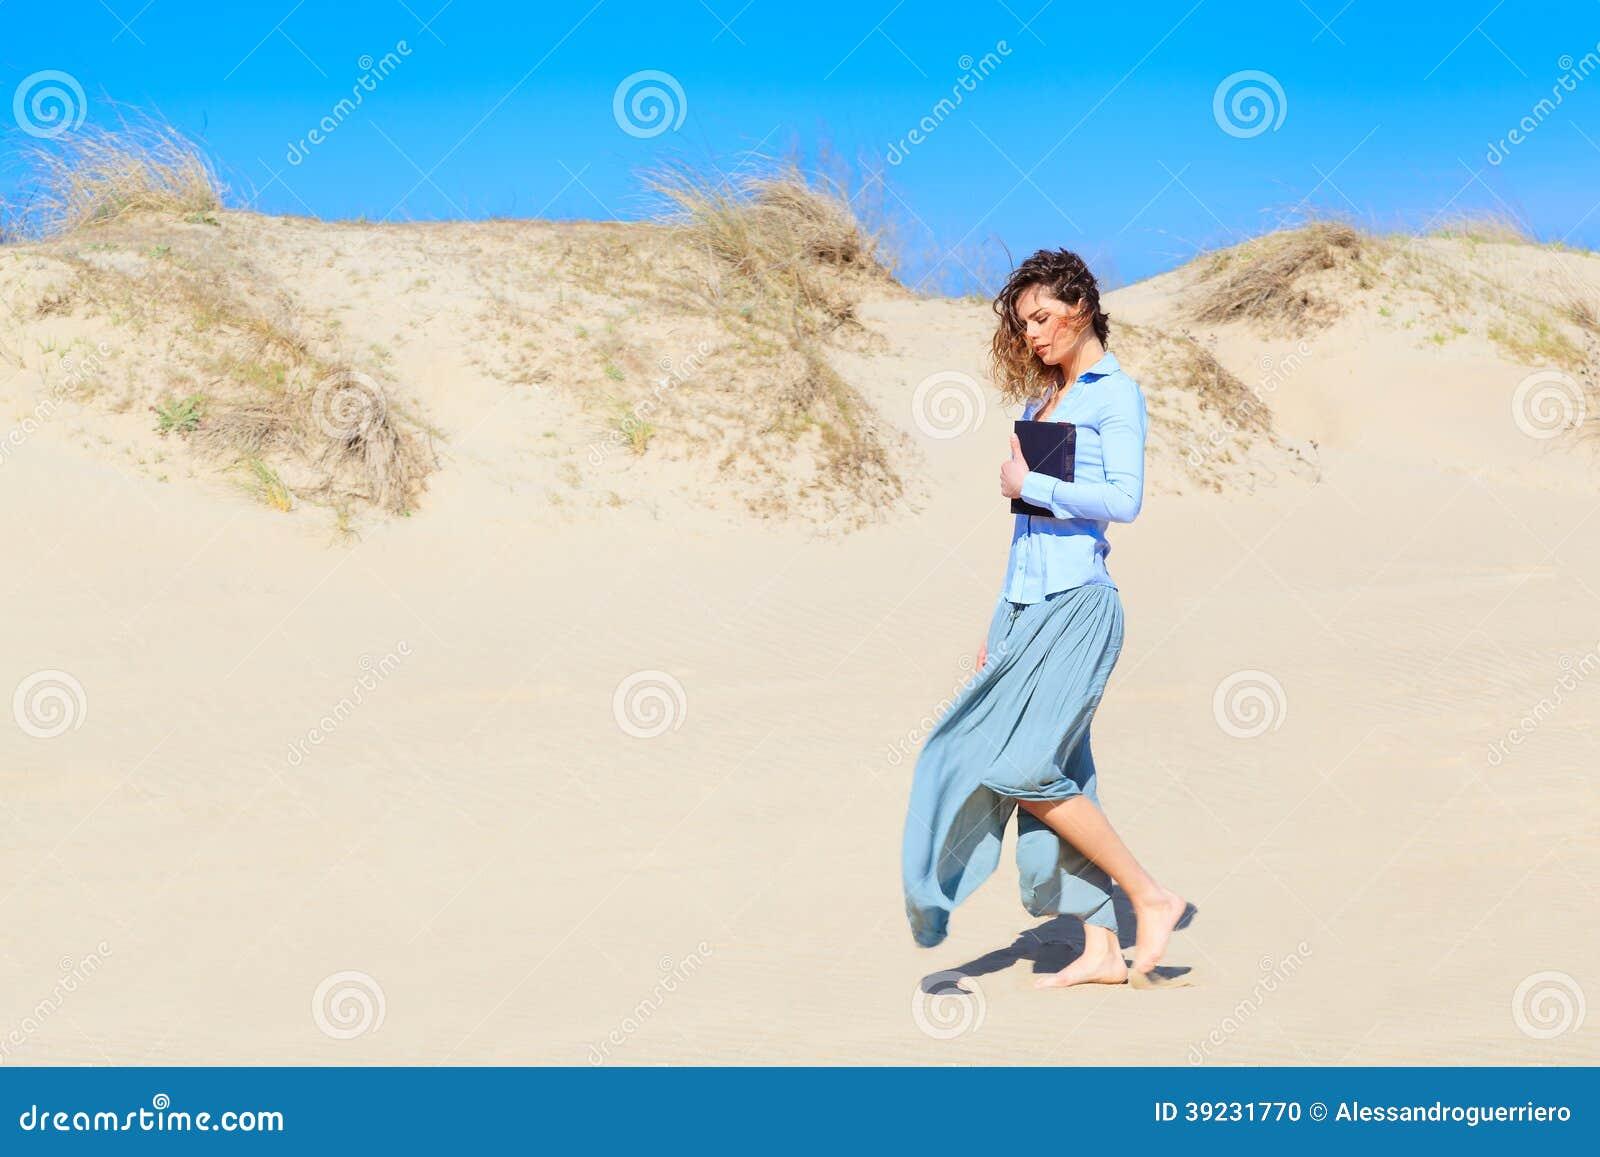 Mujer joven que camina en la playa